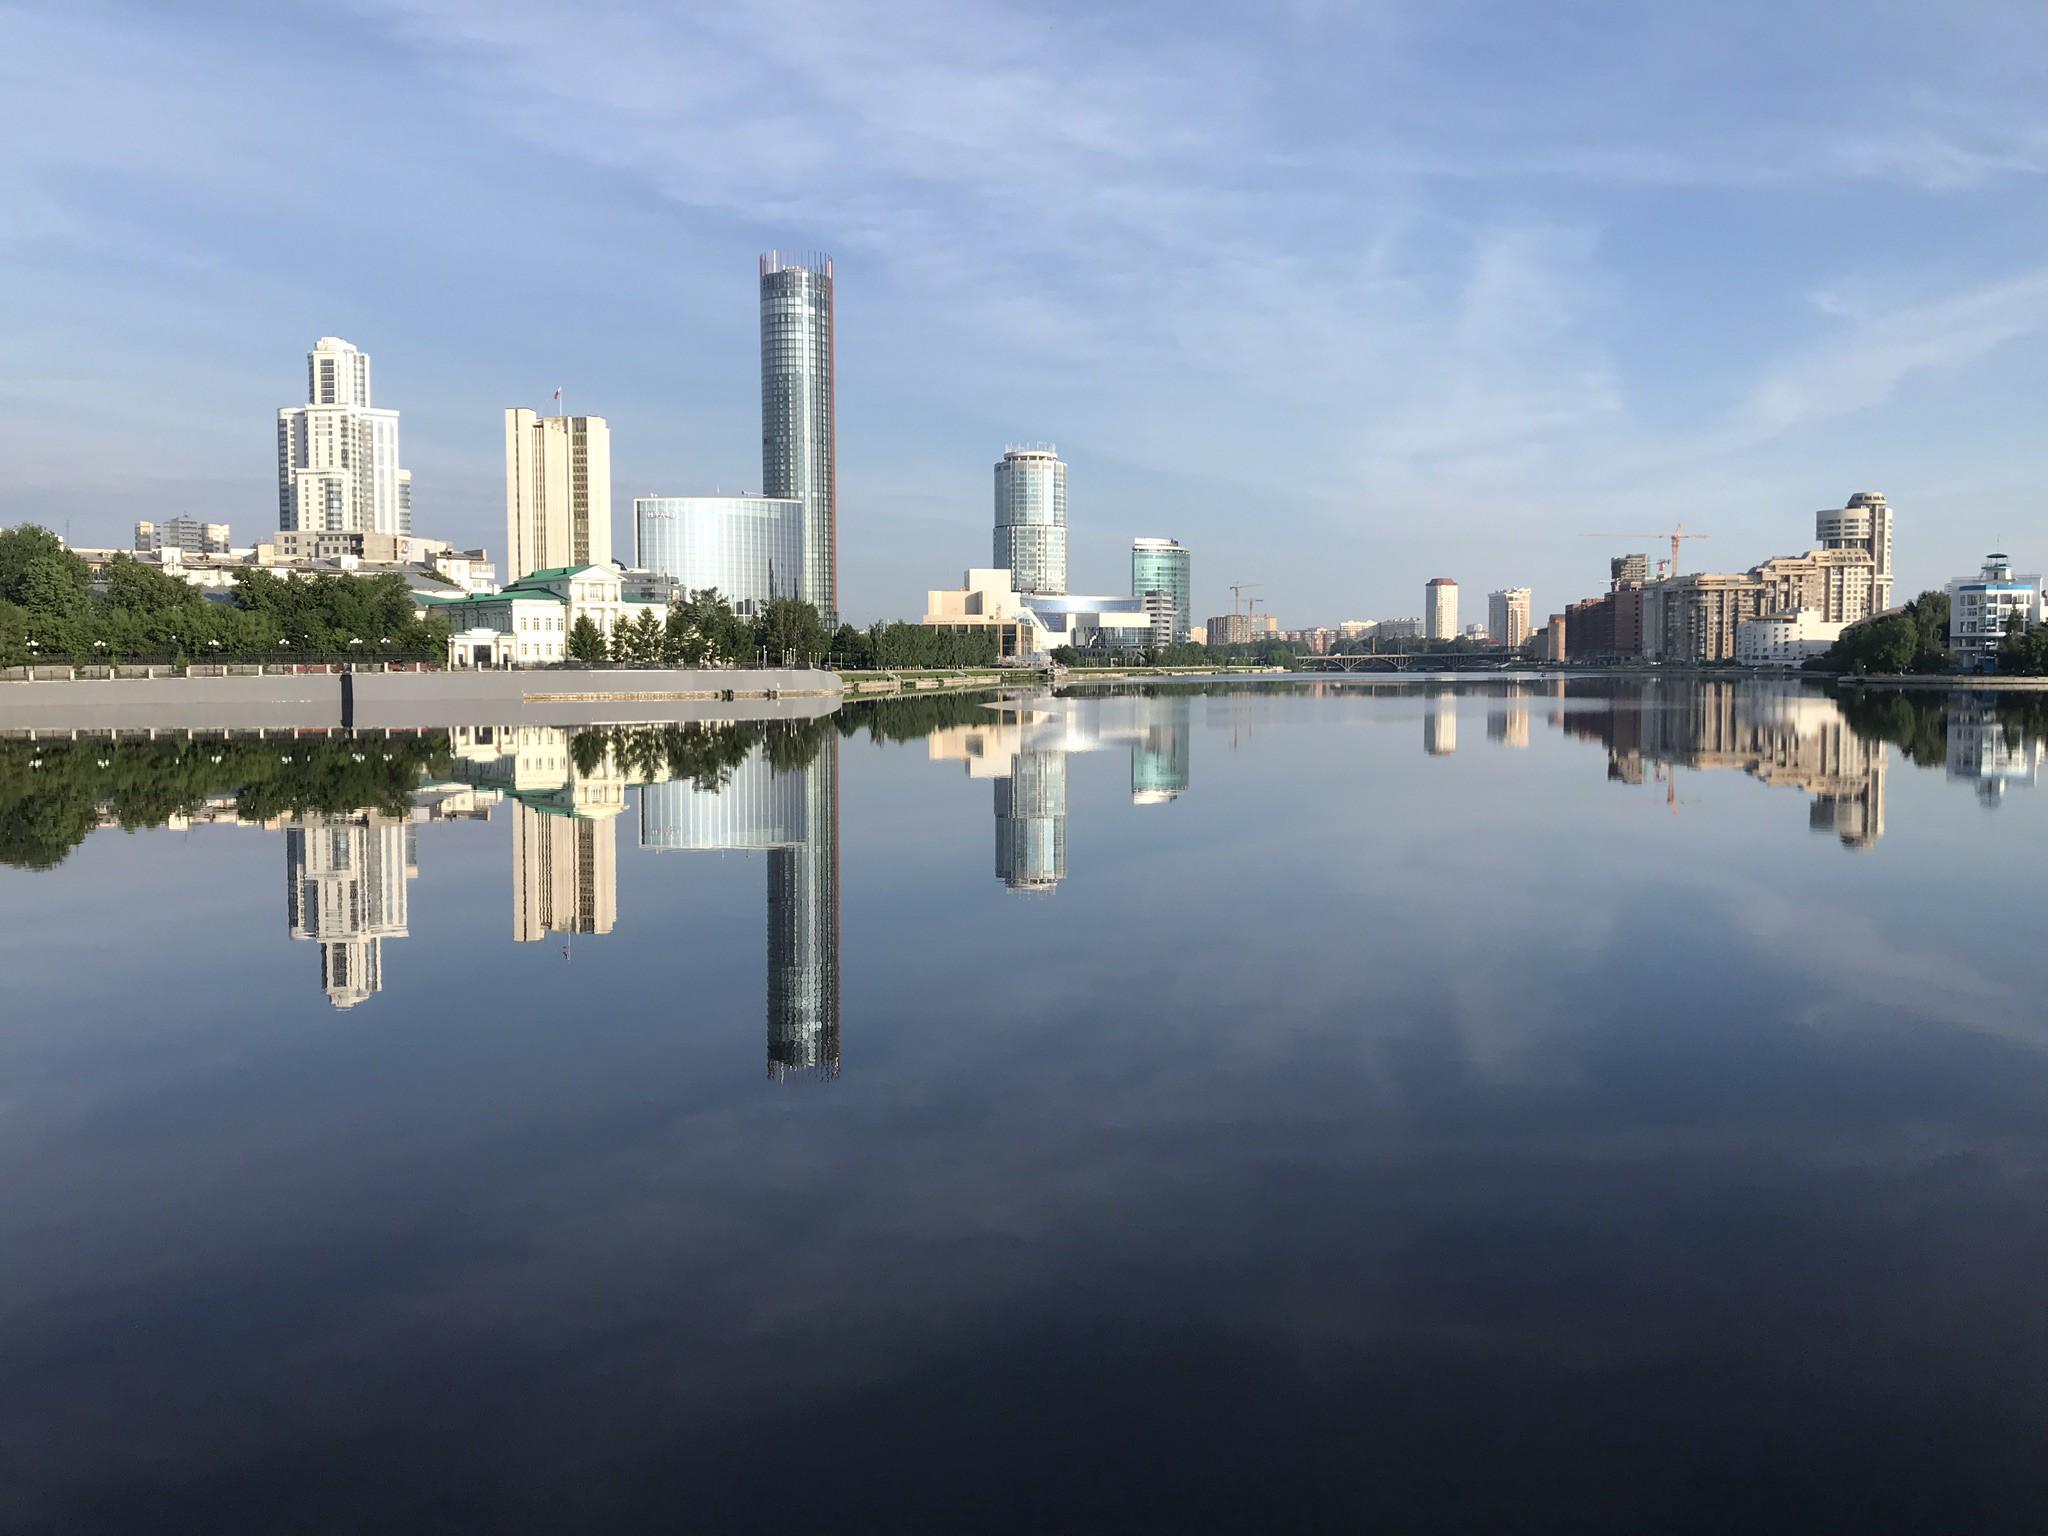 The Yekaterinburg skyline in the serene morning hours.